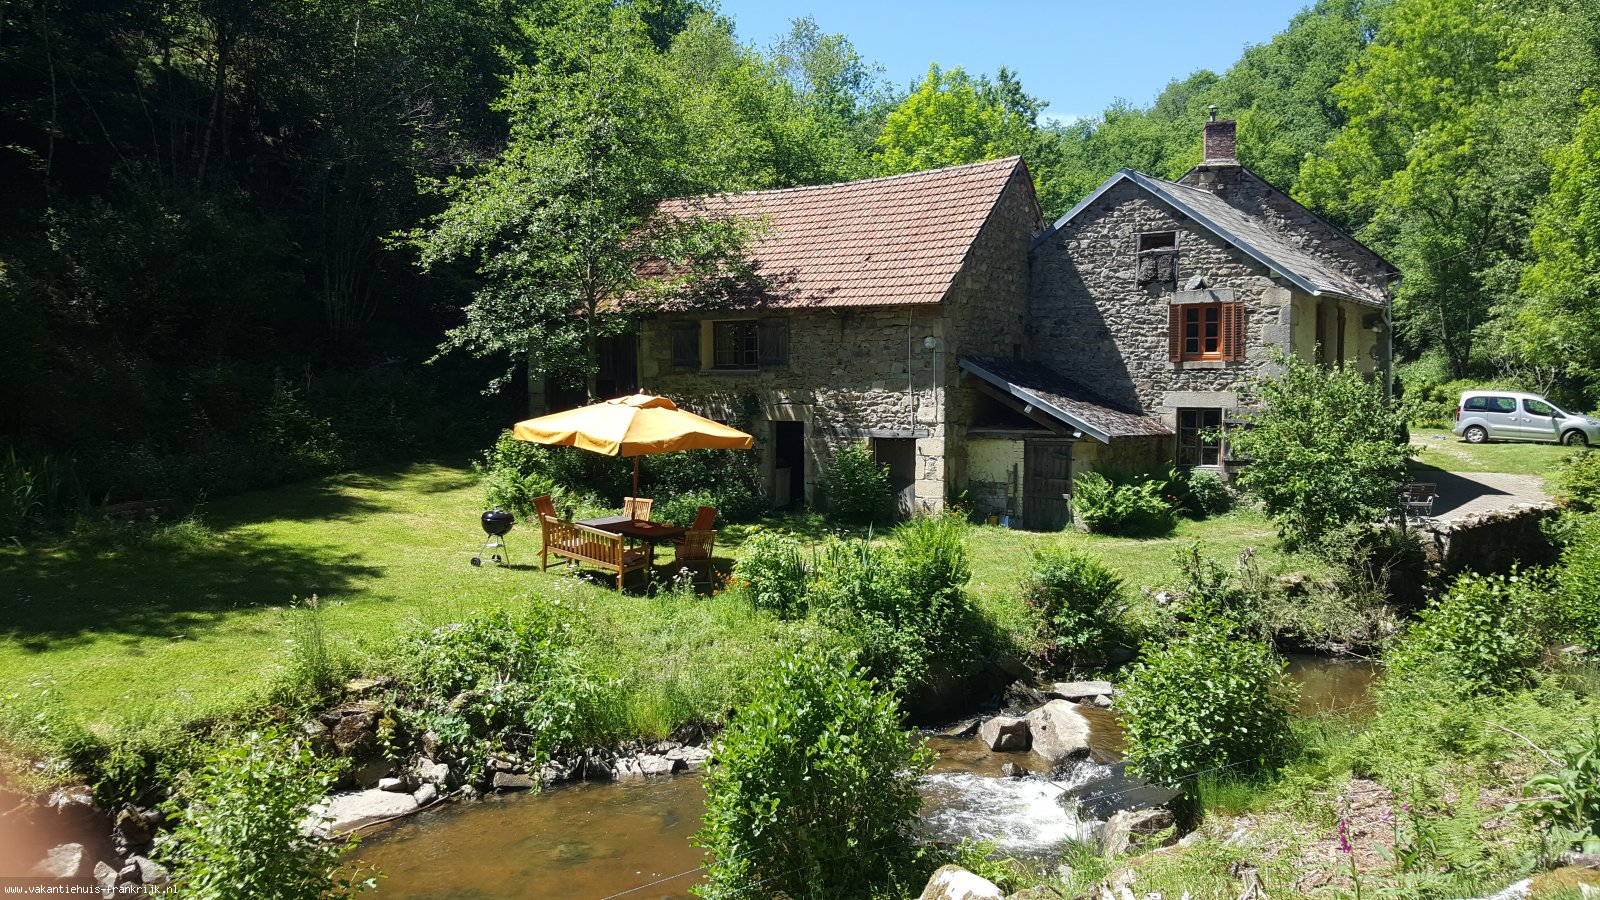 Vakantiehuis: Watermolen met ruisende beek, geheel privé. 9.1 op Zoover te huur voor uw vakantie in Puy de Dome (Frankrijk)